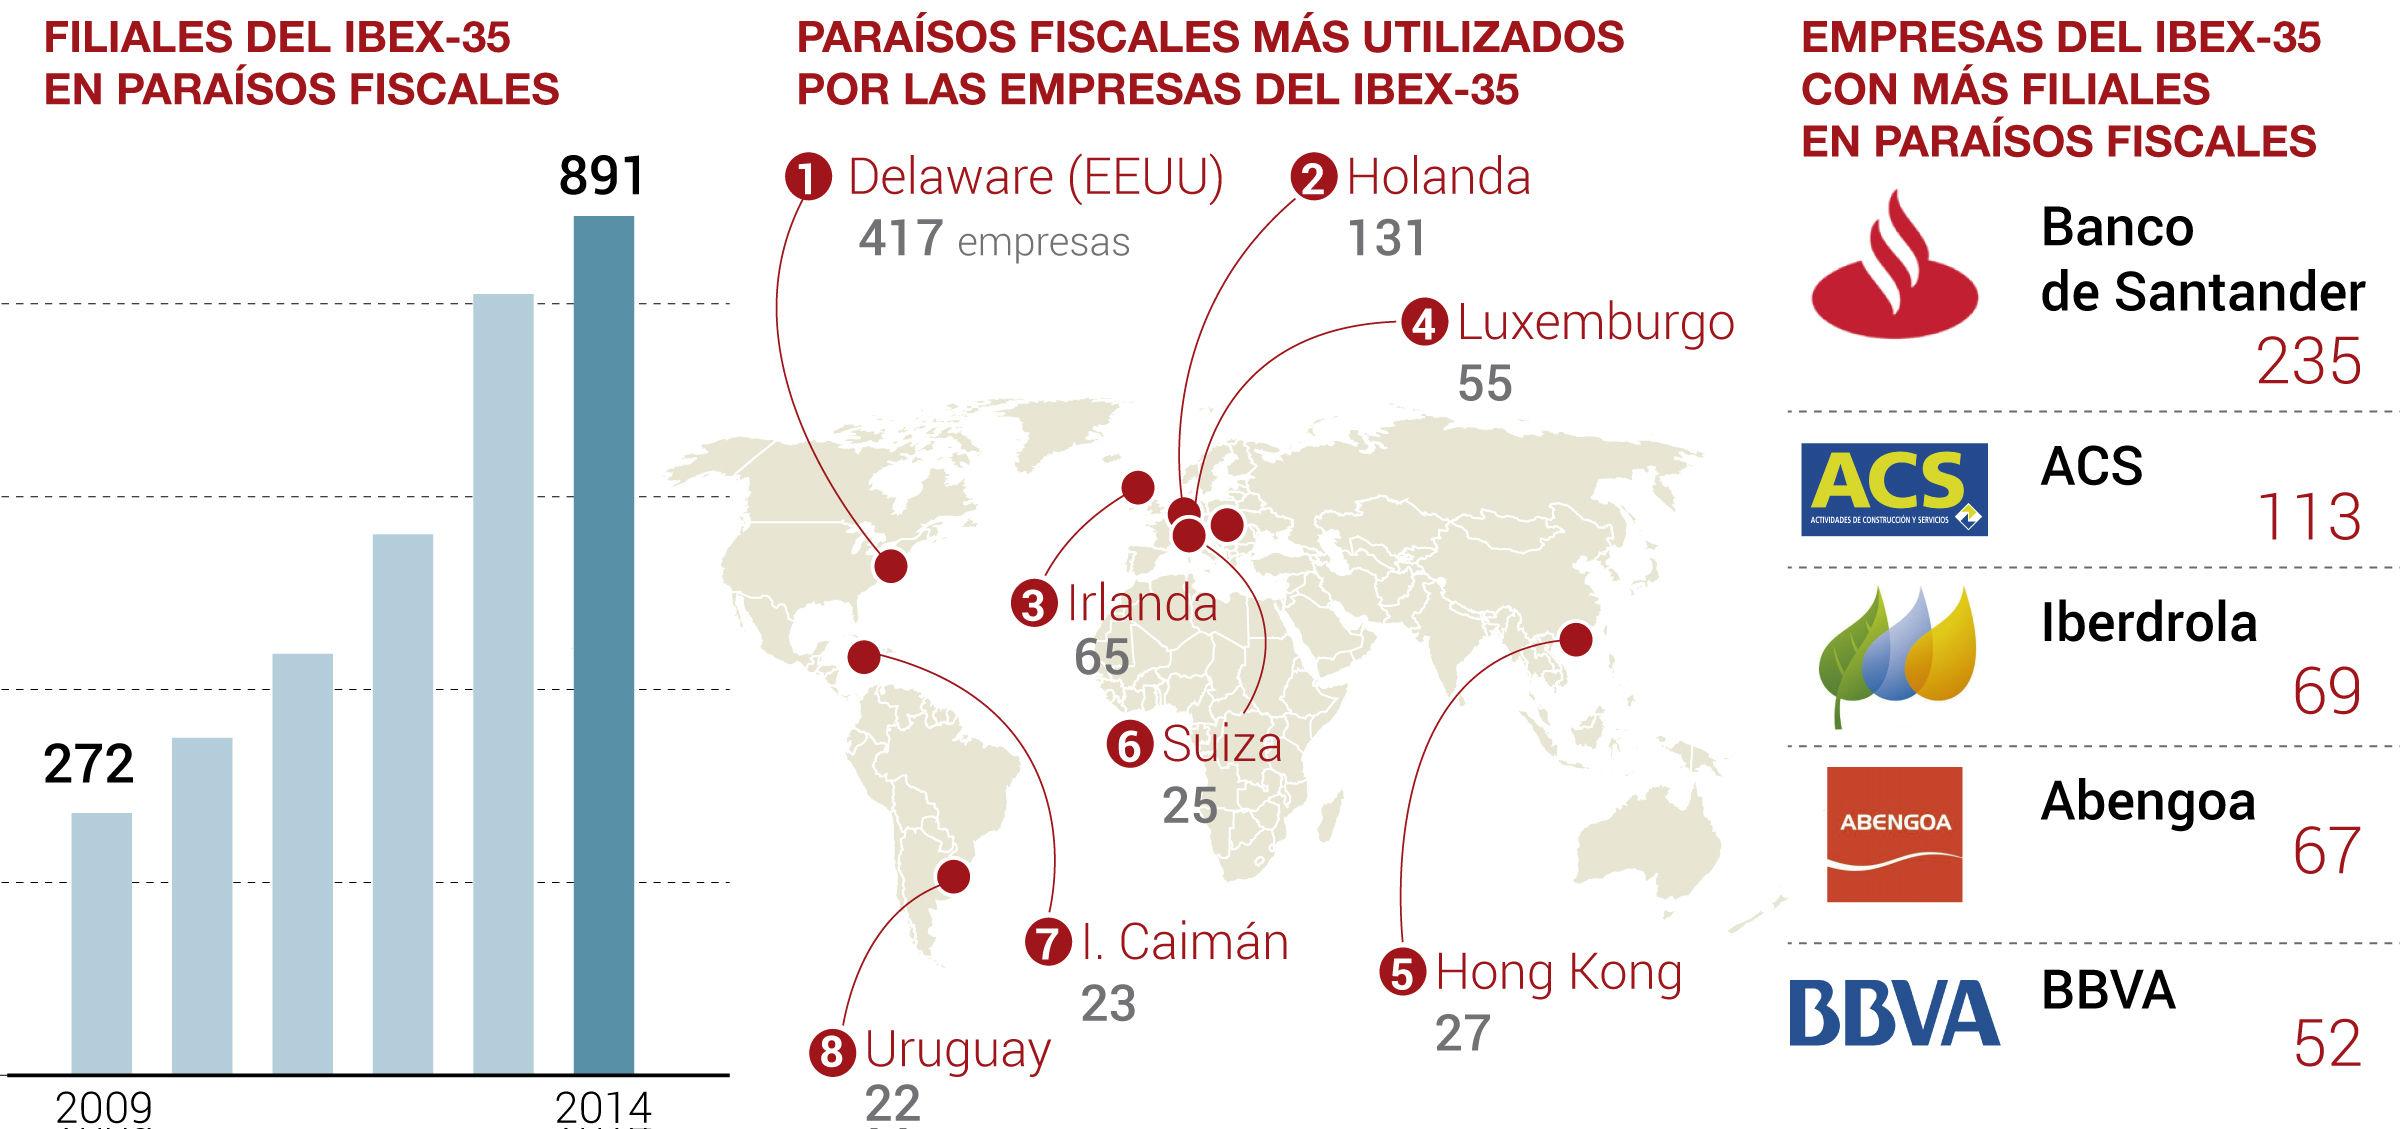 Paraísos Fiscales empresas del Ibex-35